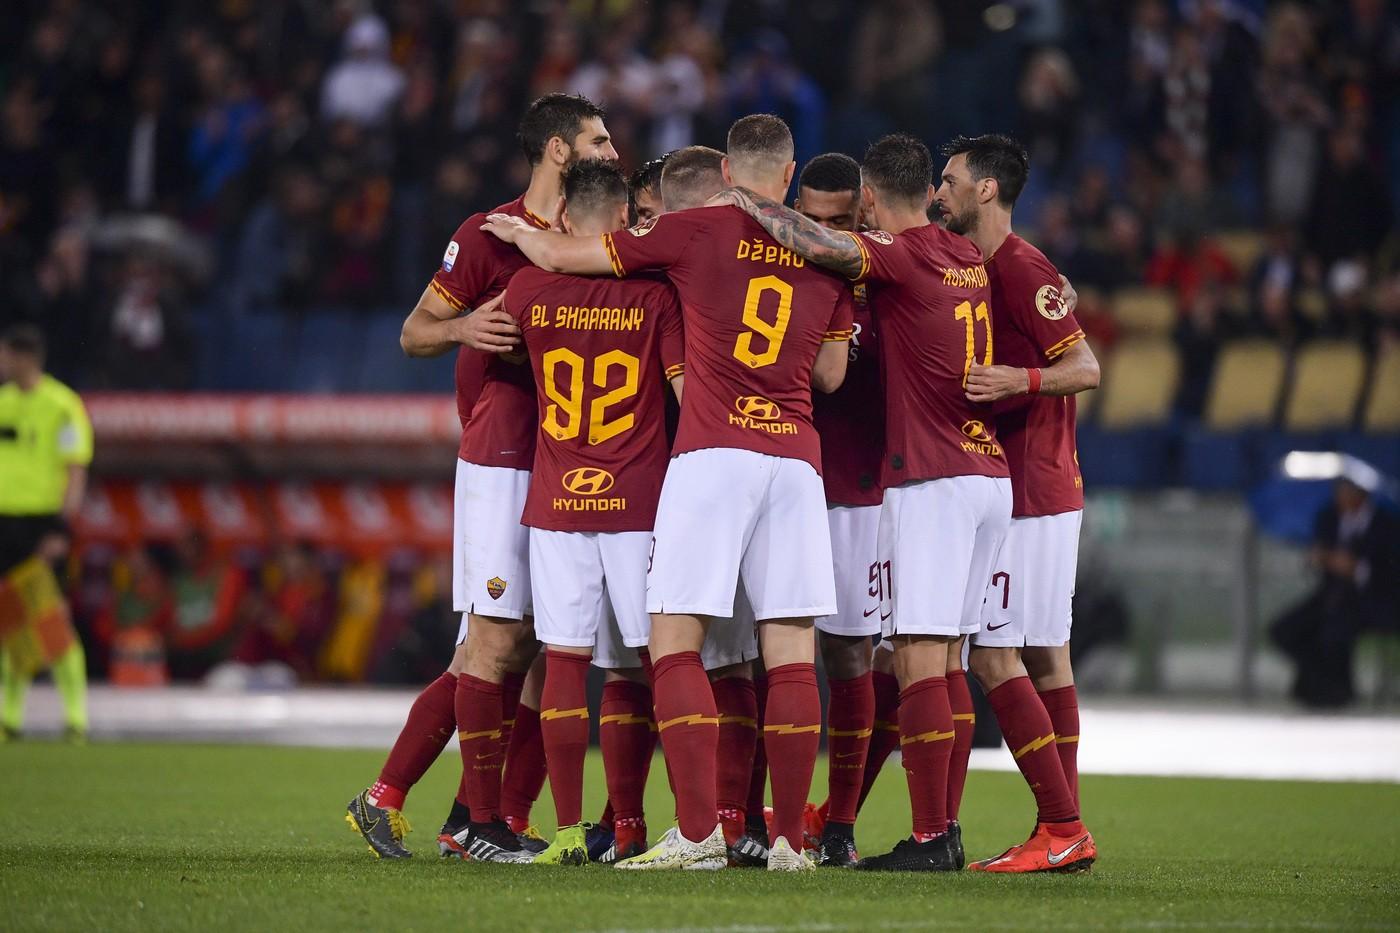 Serie A Tra Un Mese Il Calcio Di Inizio Nelle Quote Di Sisal Matchpoint Continua Il Dominio Juventus Il Nono Scudetto Bianconero E A 1 48